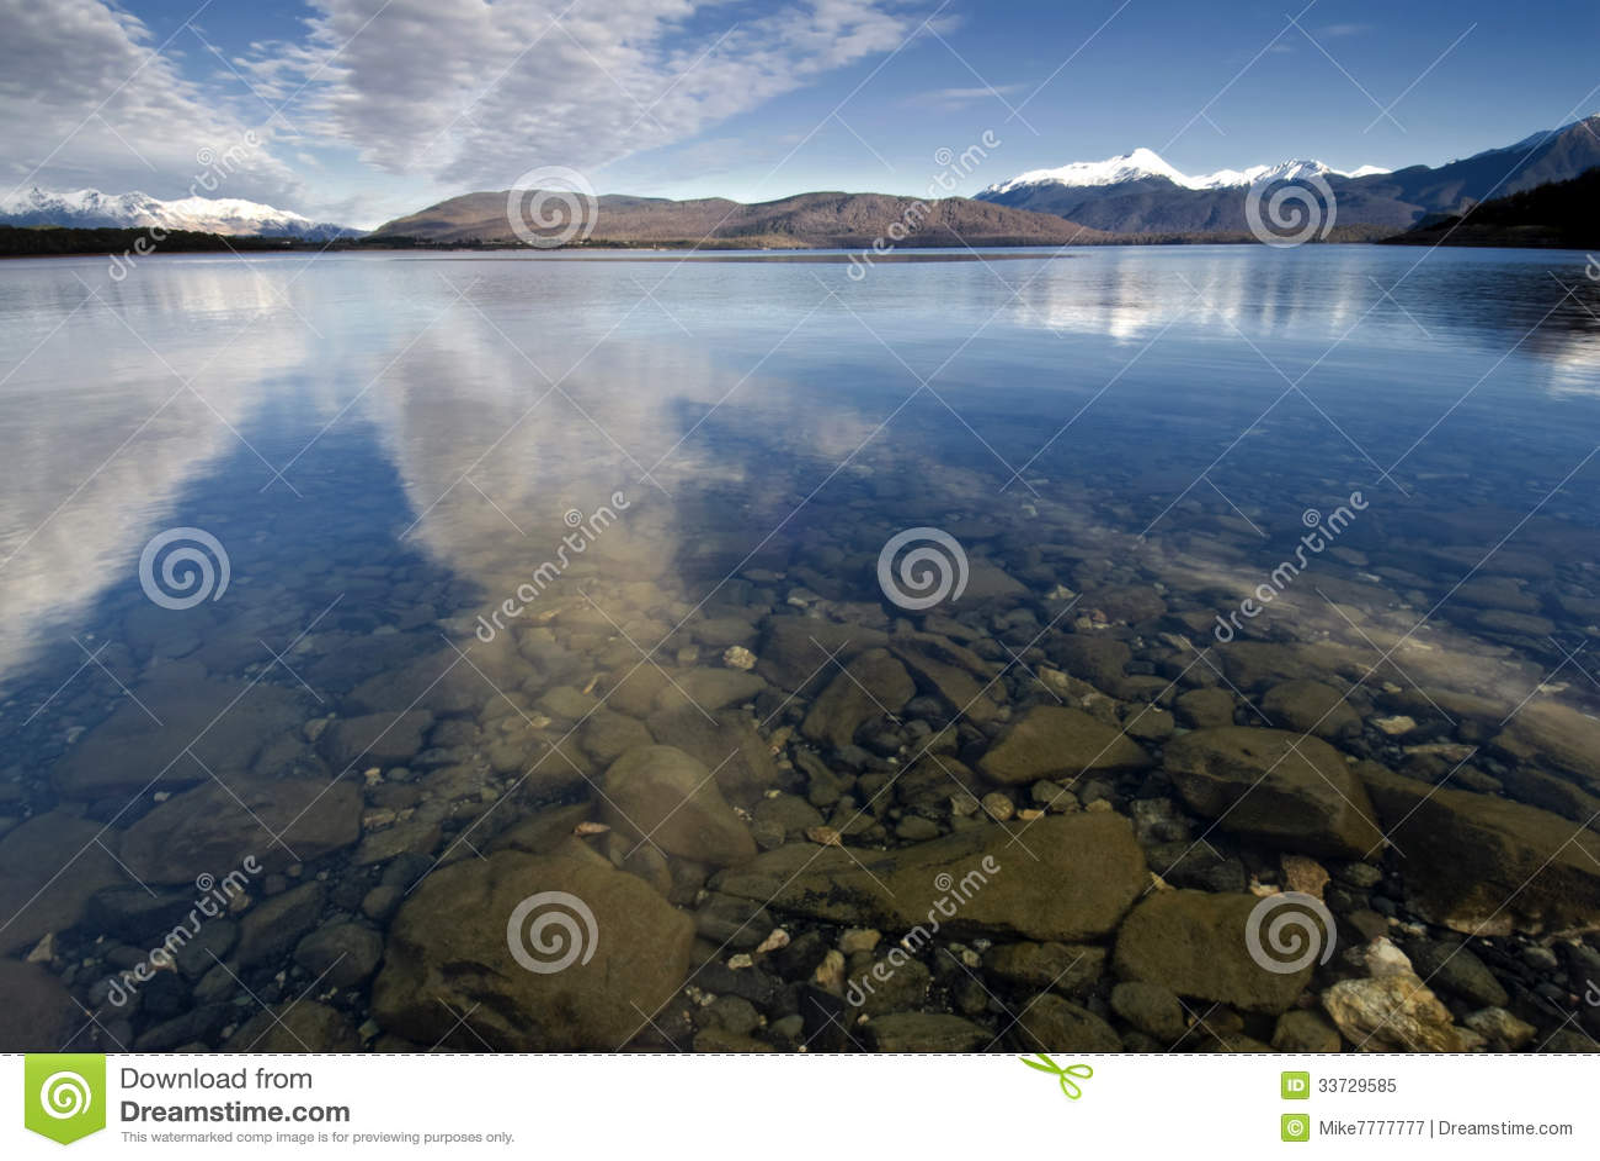 Озеро Manapouri, южный остров, Новая Зеландия.